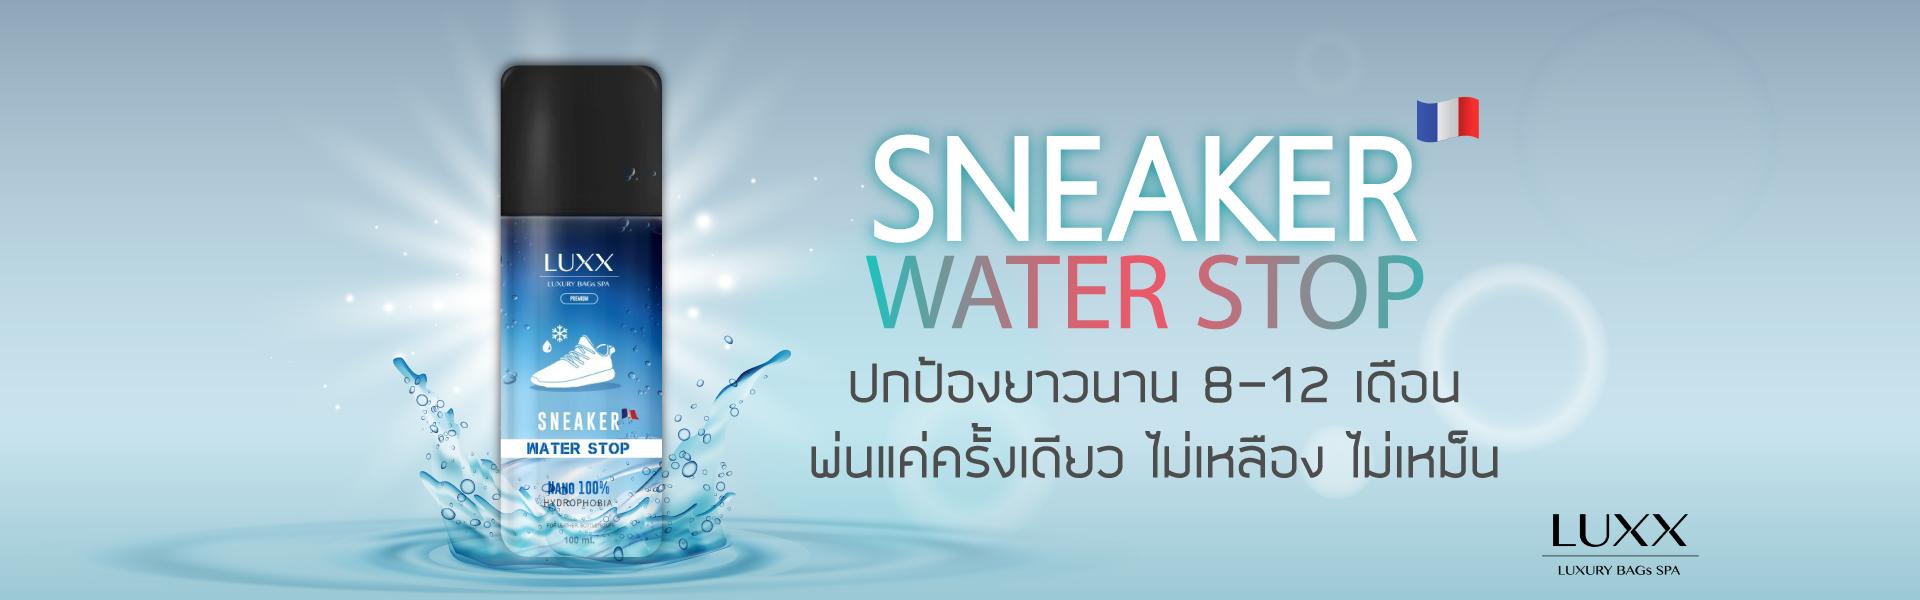 สเปรย์กันน้ำ โฟมทำความสะอาดกระเป๋า สเปรย์กันน้ำรองเท้า